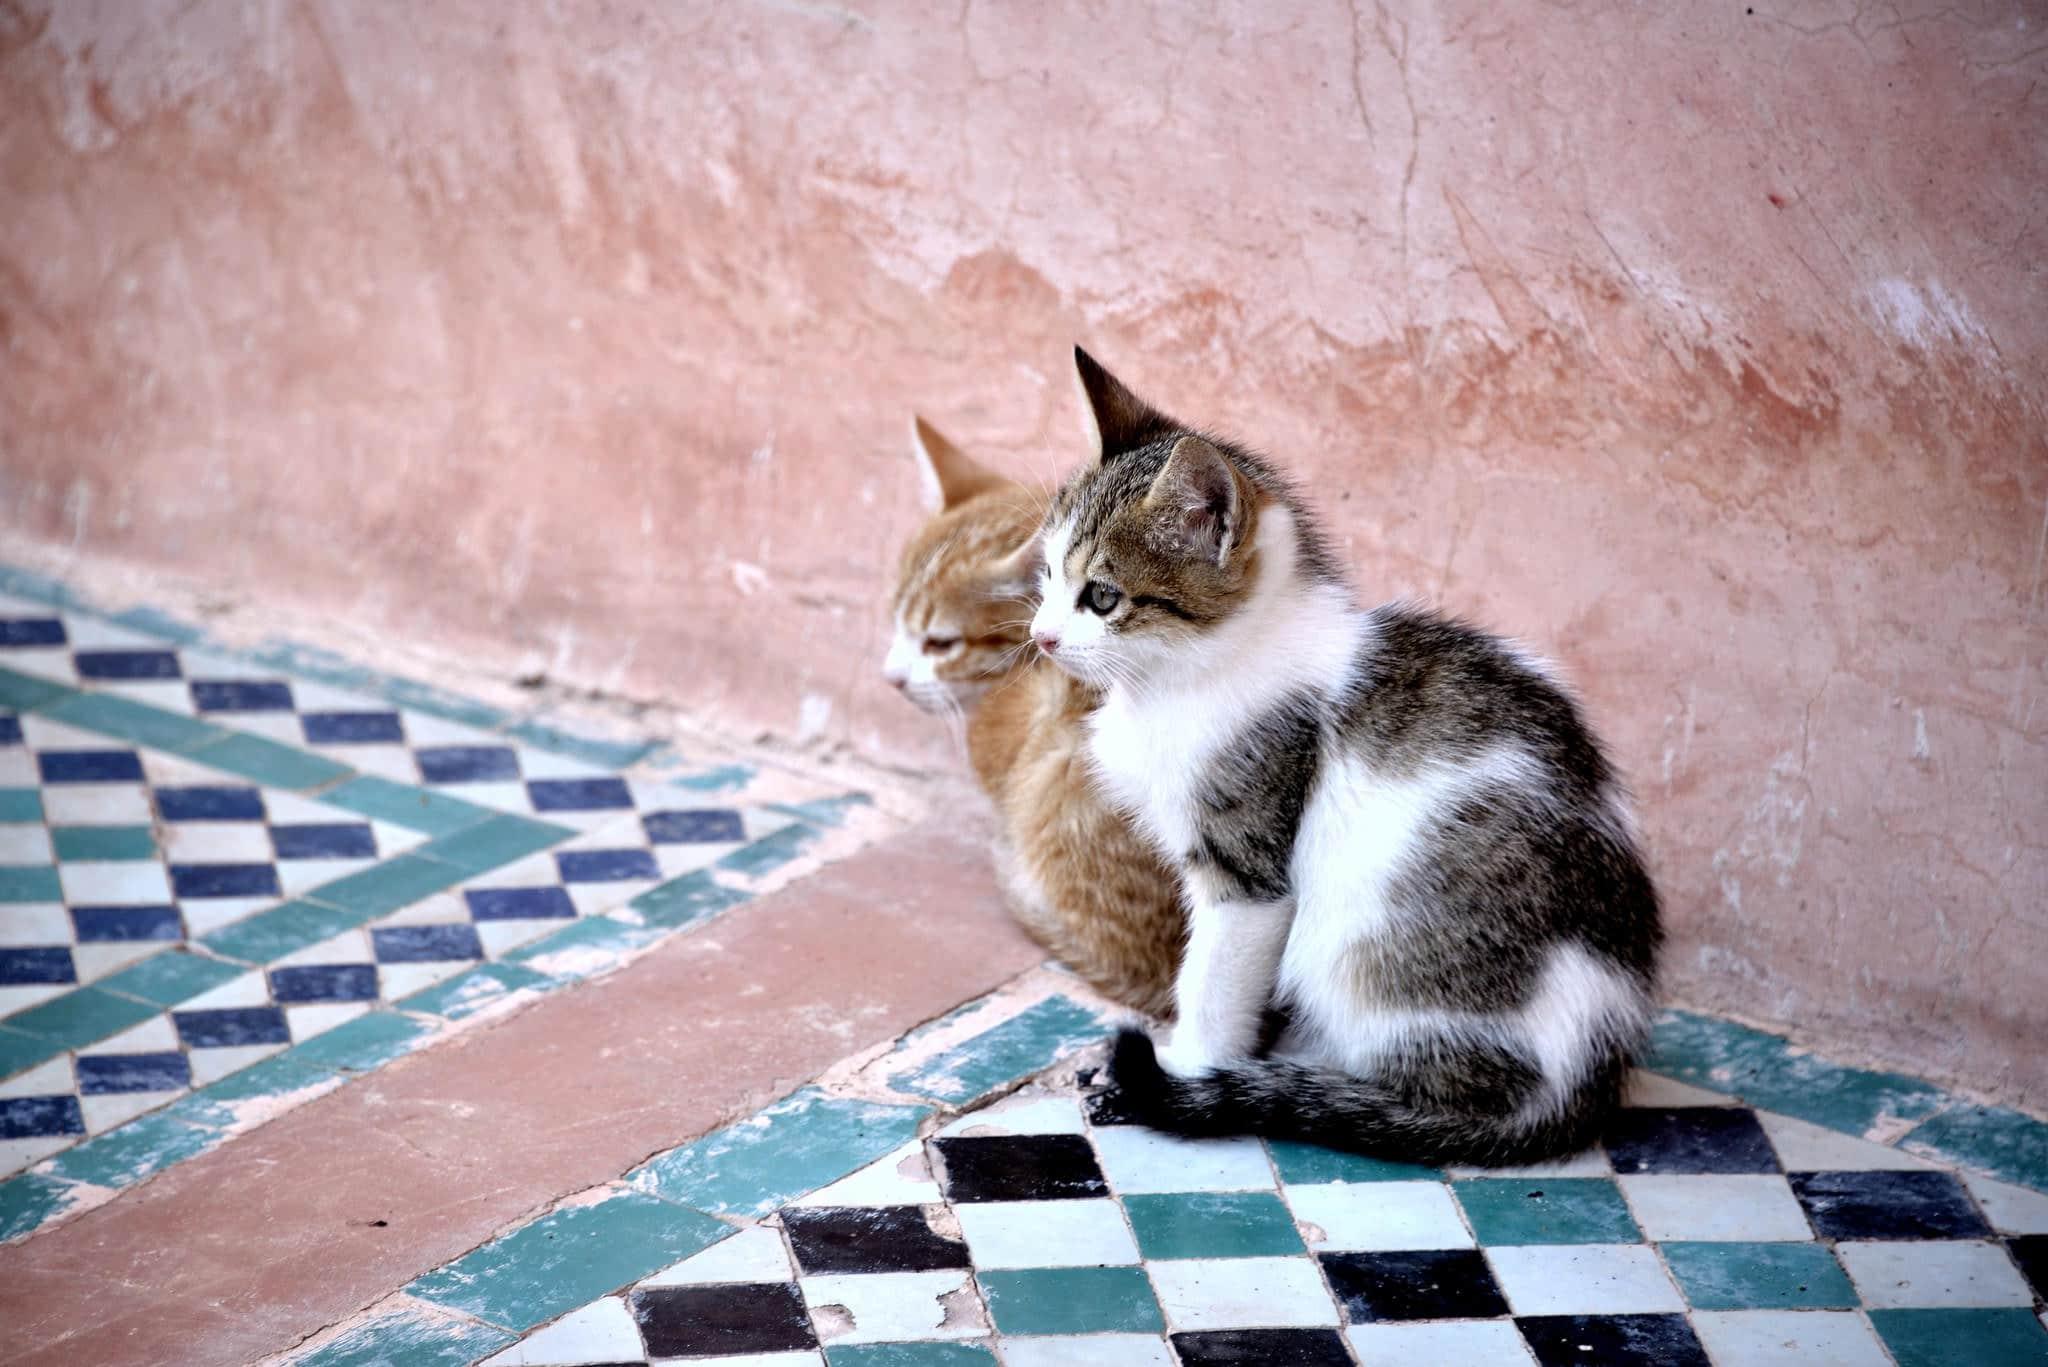 Los gatos callejeros necesitan ayuda